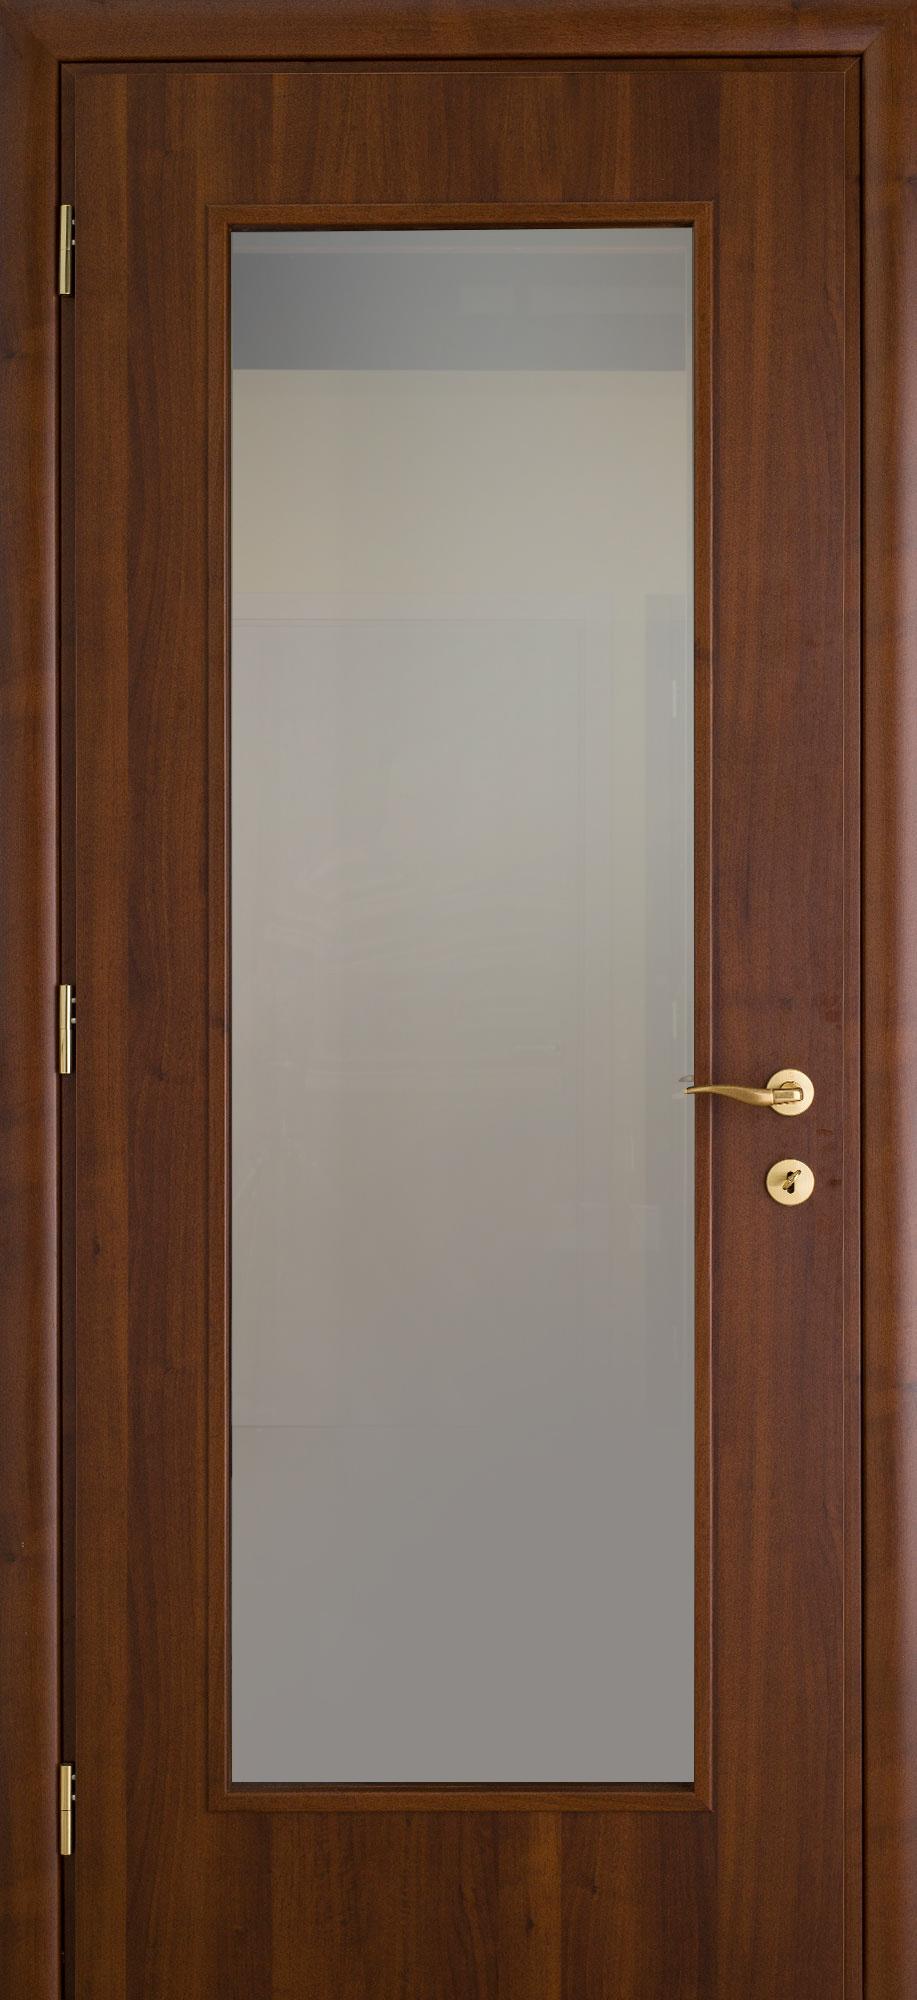 Πόρτες εσωτερικές, Τζαμωτή, Ξύλινη